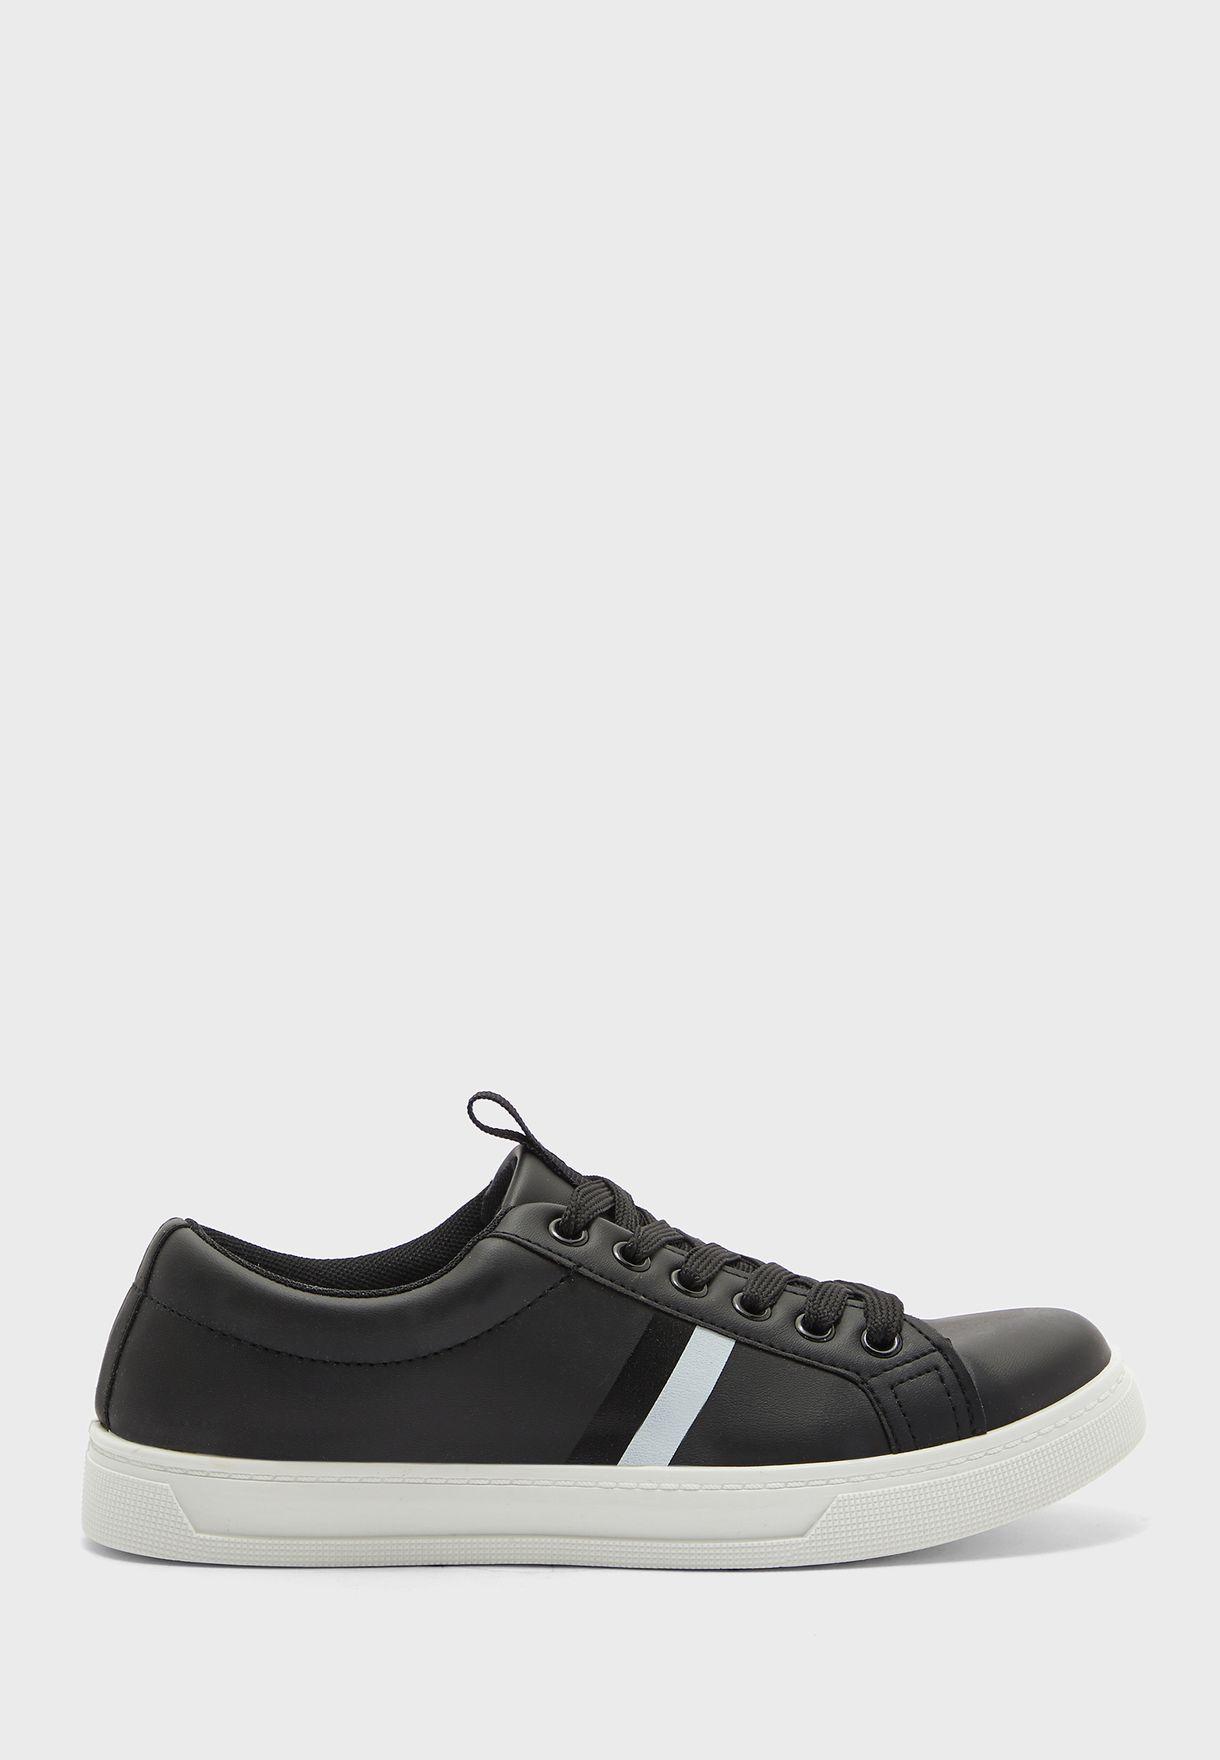 Stripe Detail Low Top Sneakers